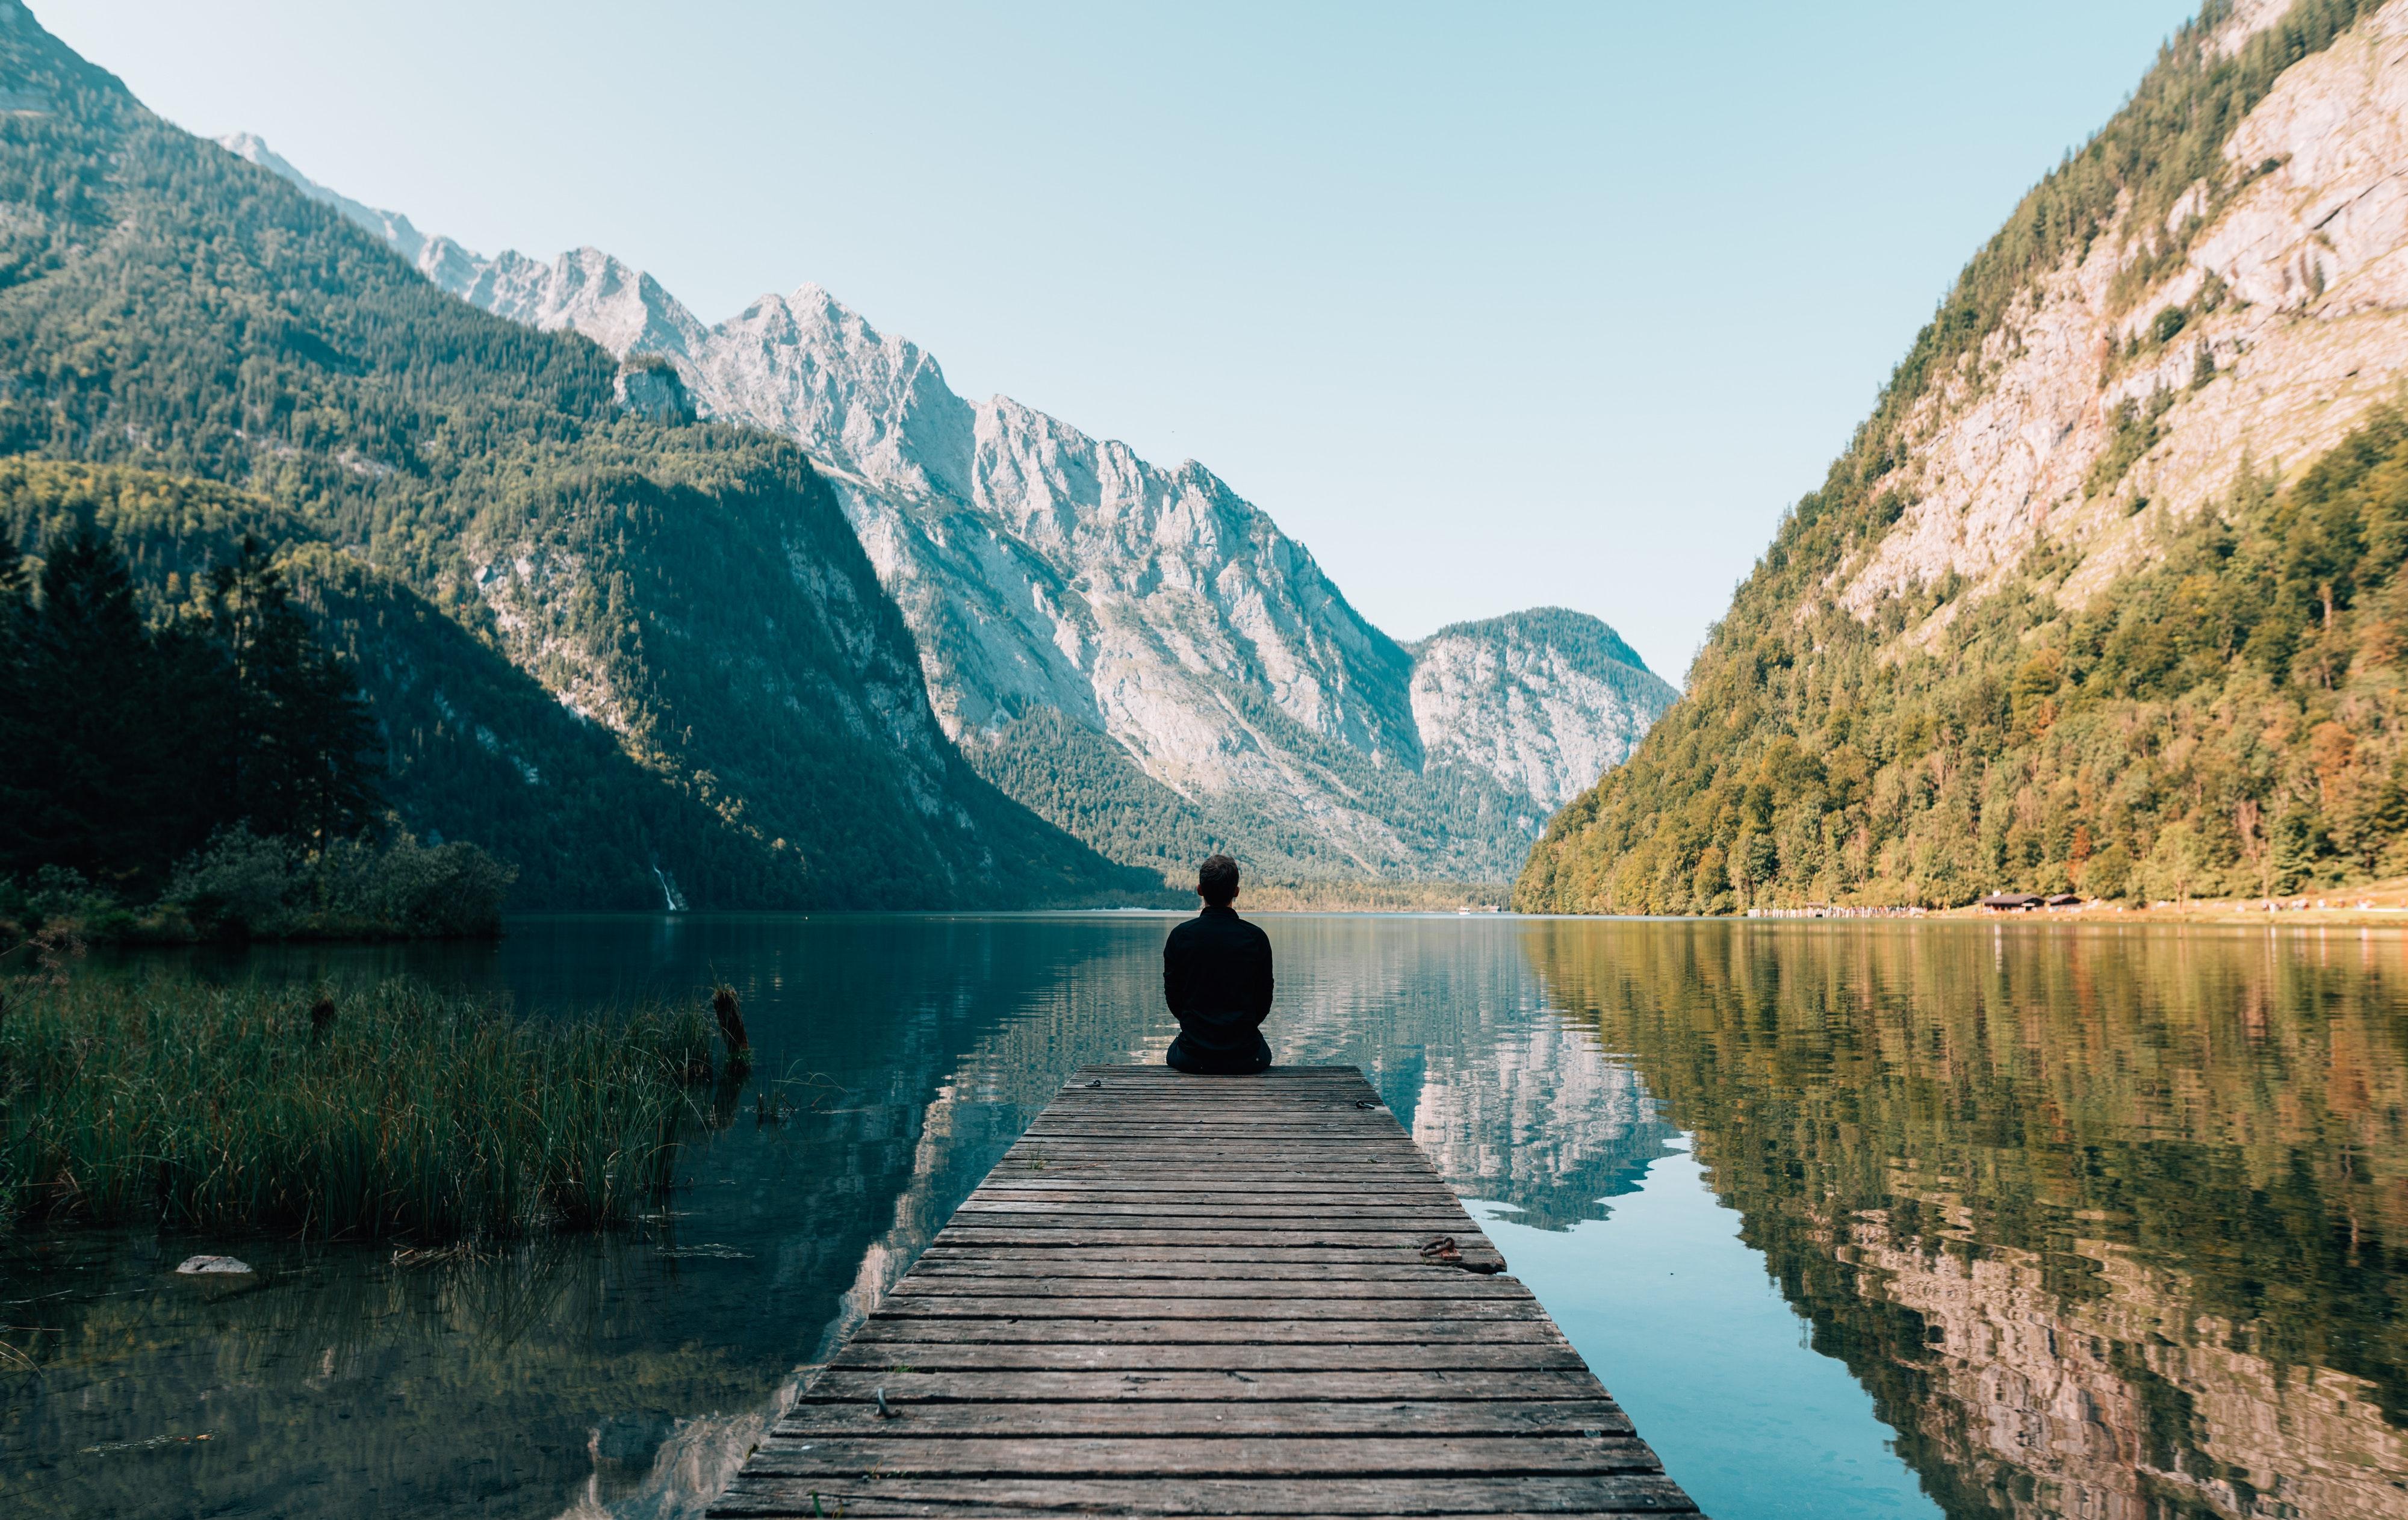 Person on a bridge near a lake photo